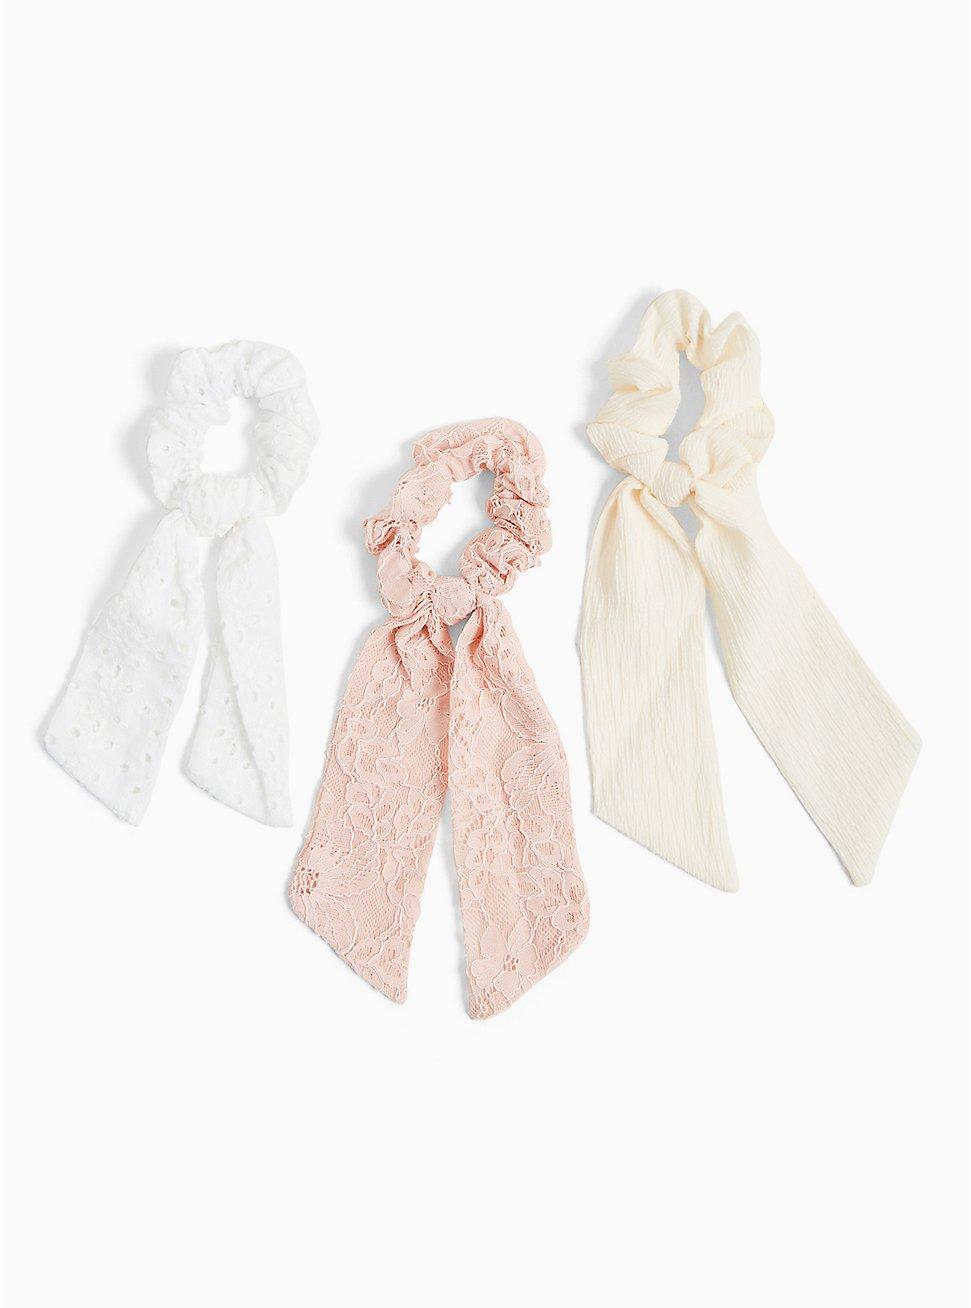 White Eyelet Scarf Hair Tie Pack - Pack of 3, , hi-res